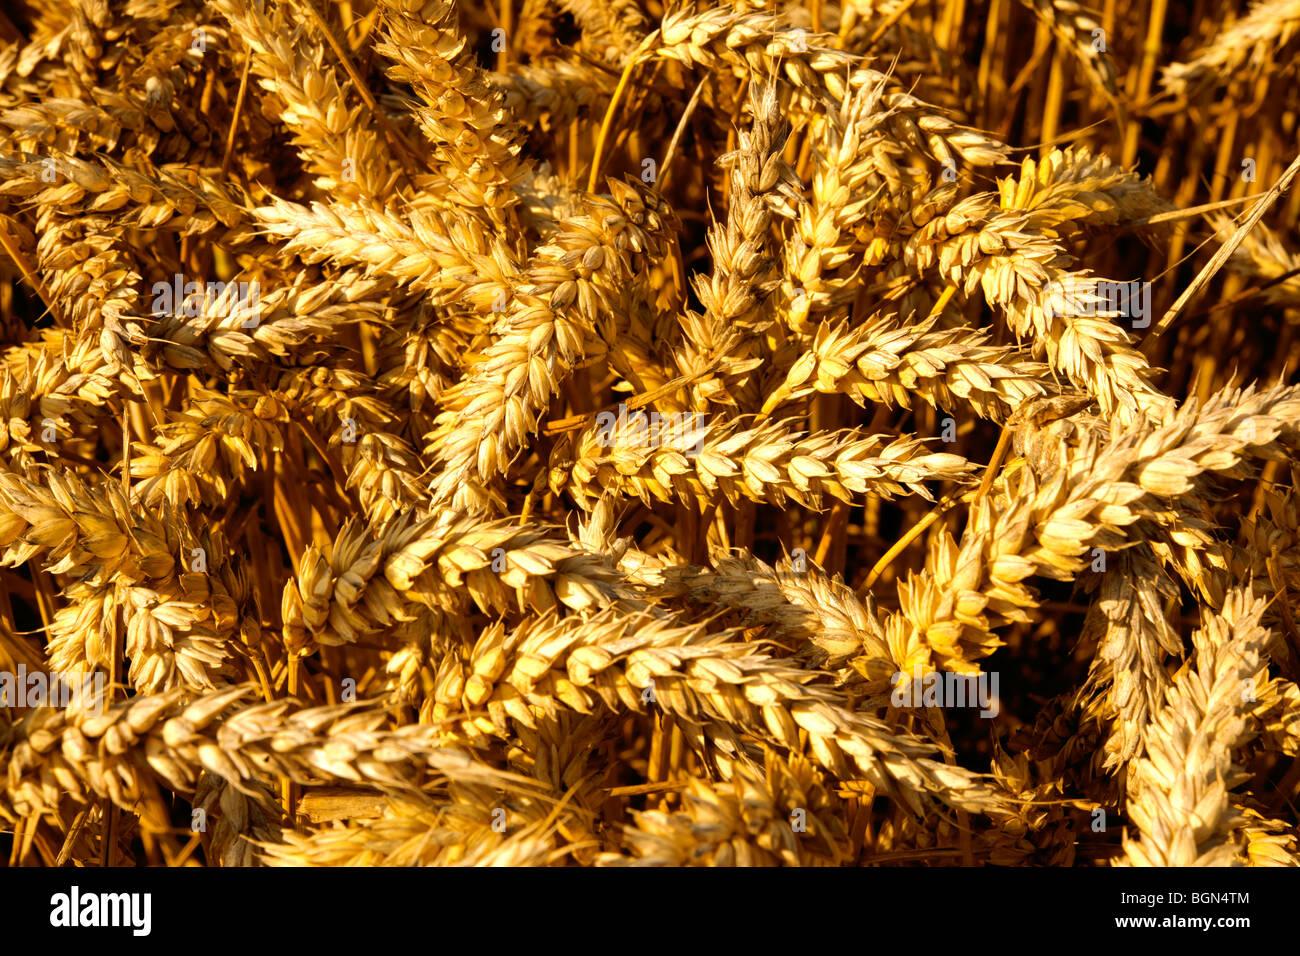 Trigo maduros (maíz) en un campo listo para cosechar Imagen De Stock